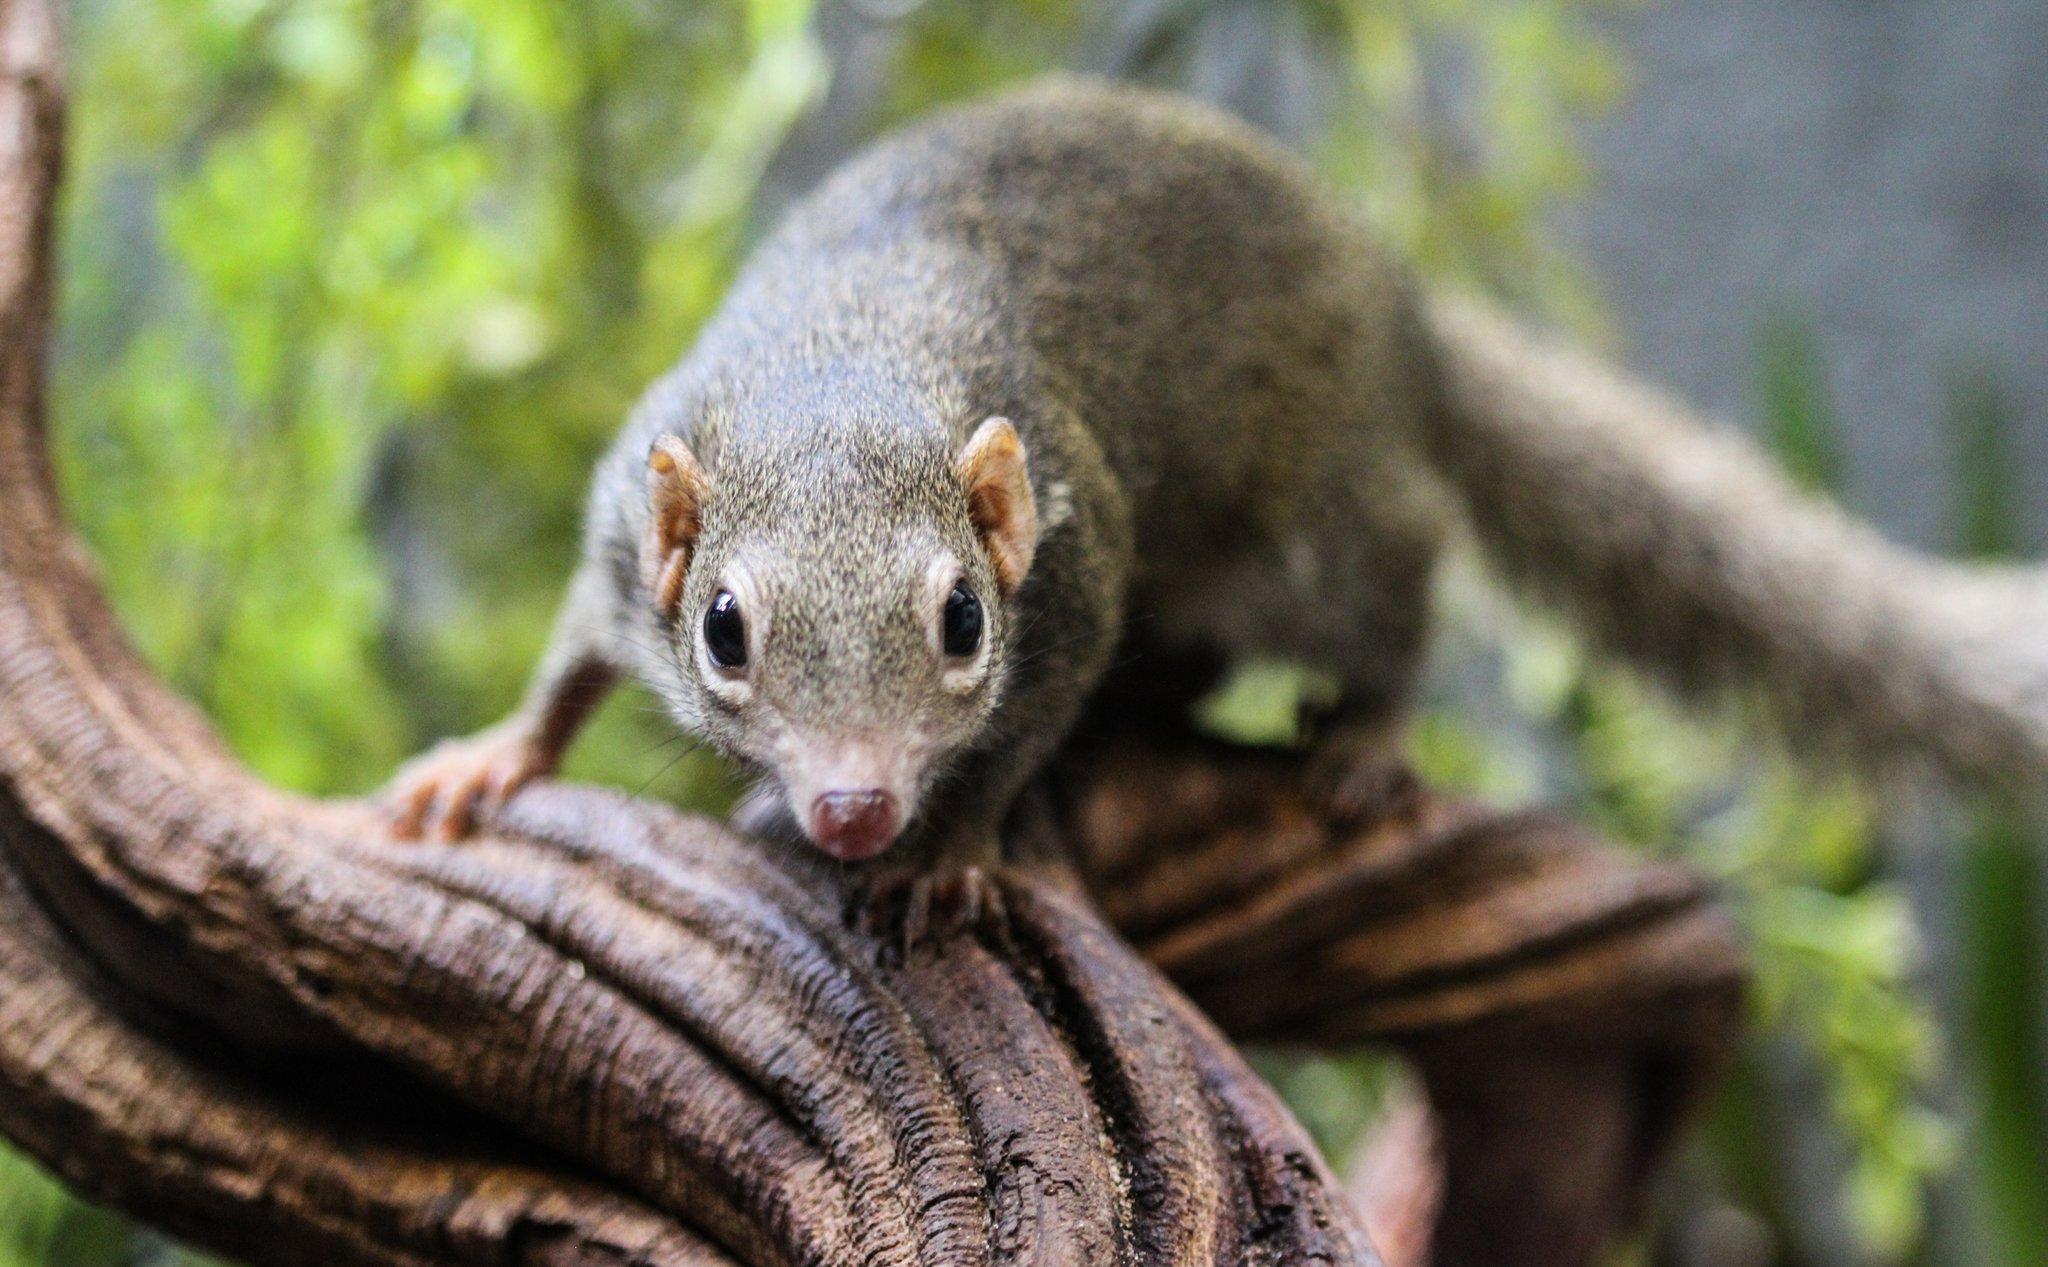 Ein Spitzhörnchen – das ein wenig aussieht wie eine Mischung zwischen grauem Eichhörnchen und Ratte – ist auf dem knorrigen Ast eines Baumes zu sehen und blickt mit seinen großen, seitlich am Kopf sitzenden Augen in die Kamera. So ähnlich wie dieses, auch Tupaia genannte Tier könnten die ersten Vertreter der Primaten vor mehr als 65Millionen Jahren ausgesehen haben.